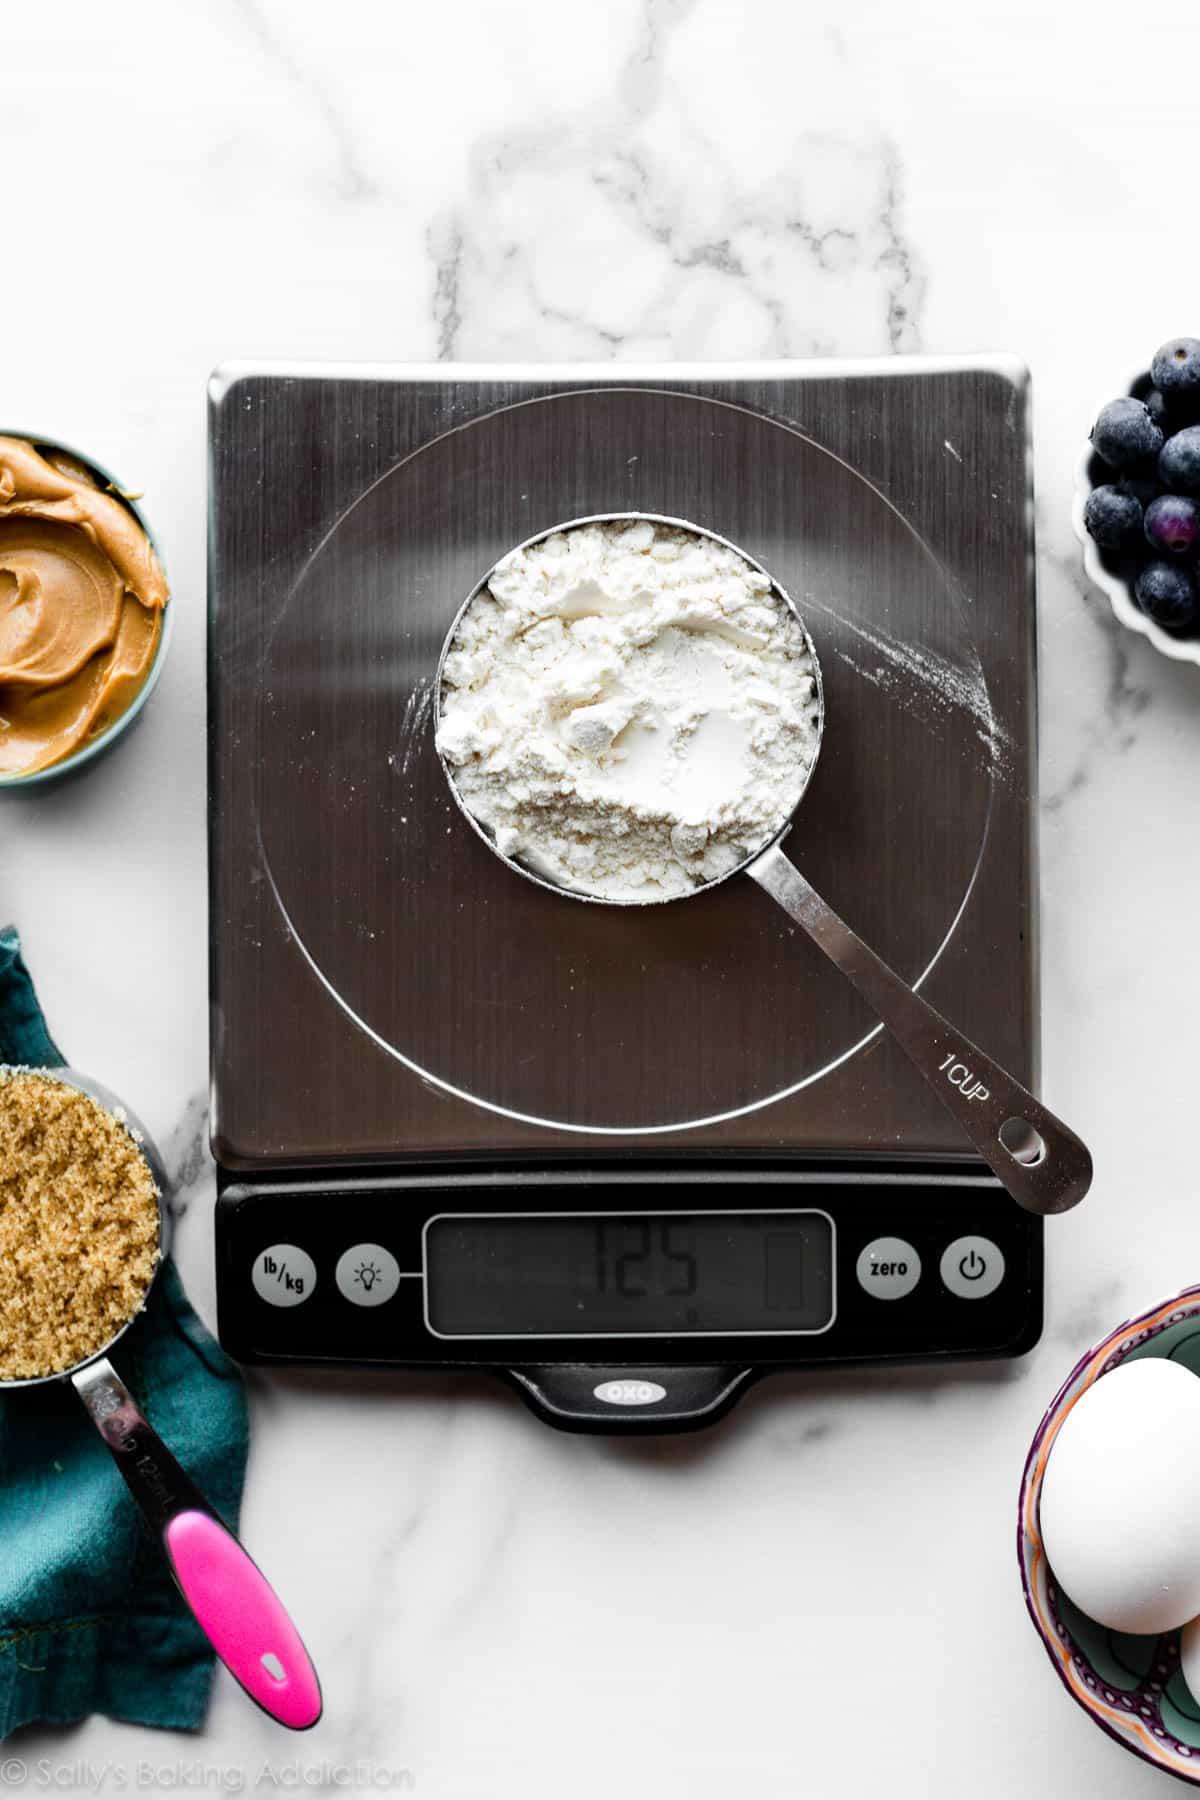 mesurer la farine sur la balance de cuisine